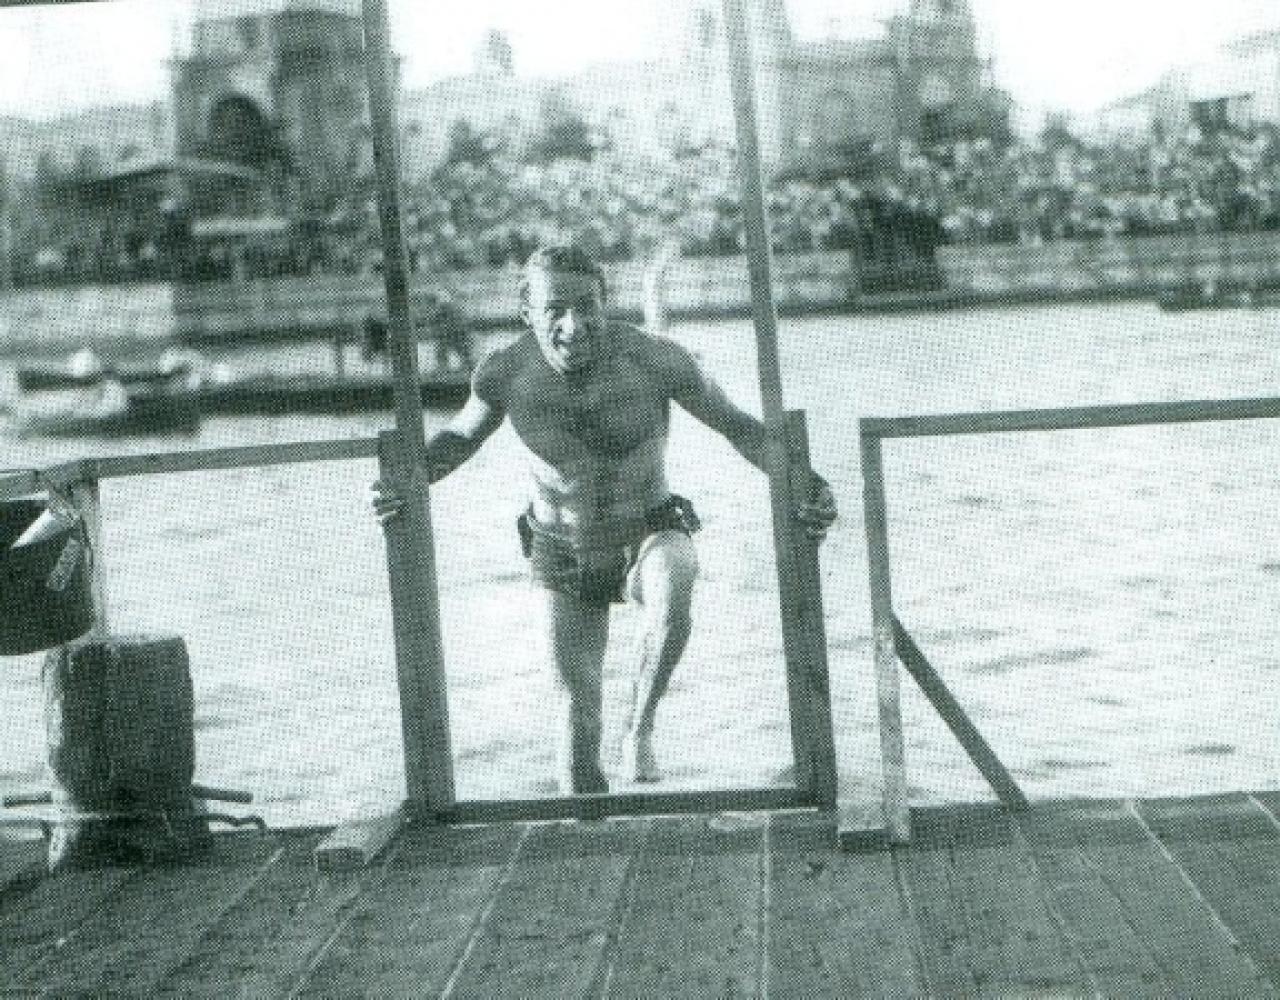 Gianni Gambi var en av världens främsta långdistanssimmare under 1930-1940-talet.